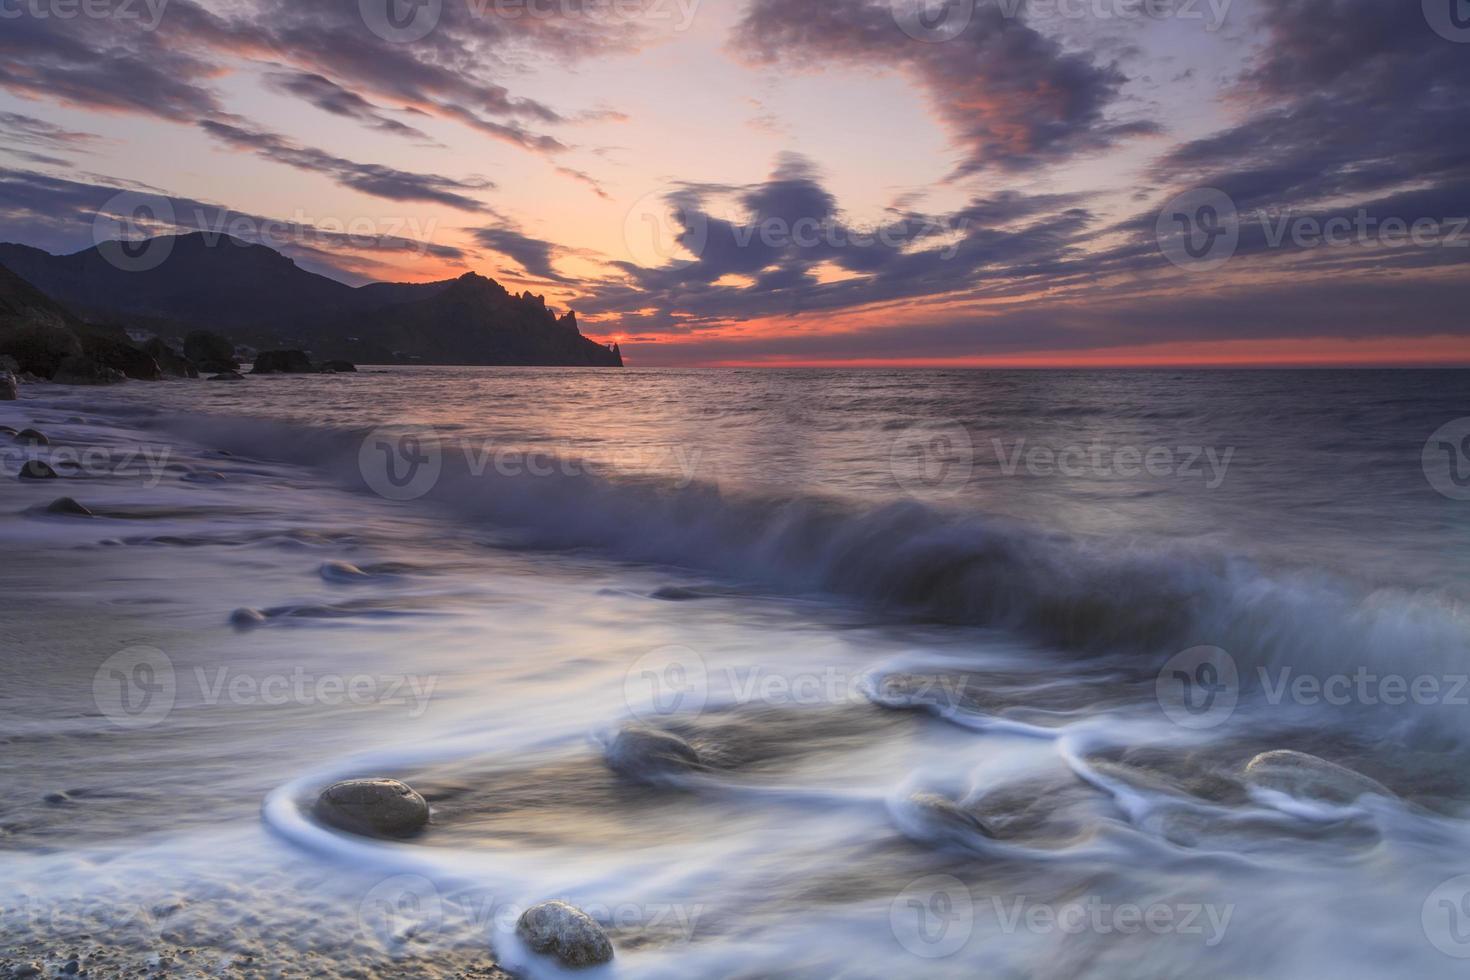 beau coucher de soleil sur une plage de sable photo